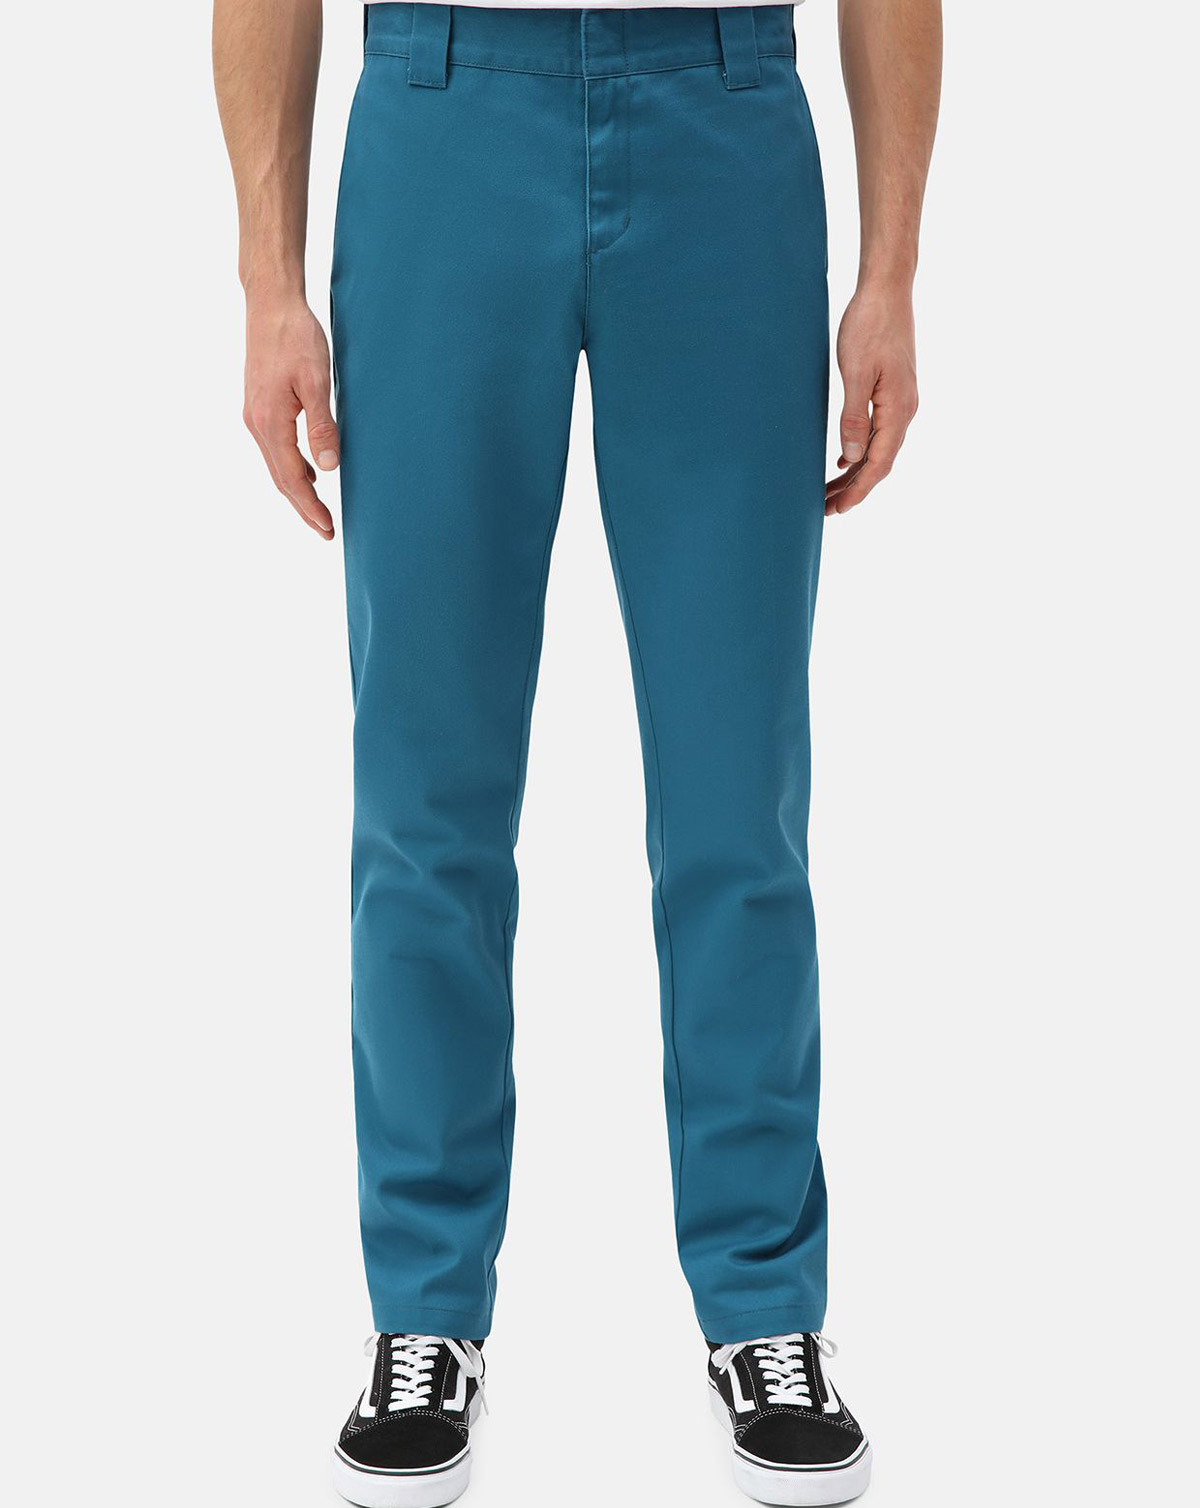 Dickies 872 Slim Fit Work Pant (Koral, W38 / L34)